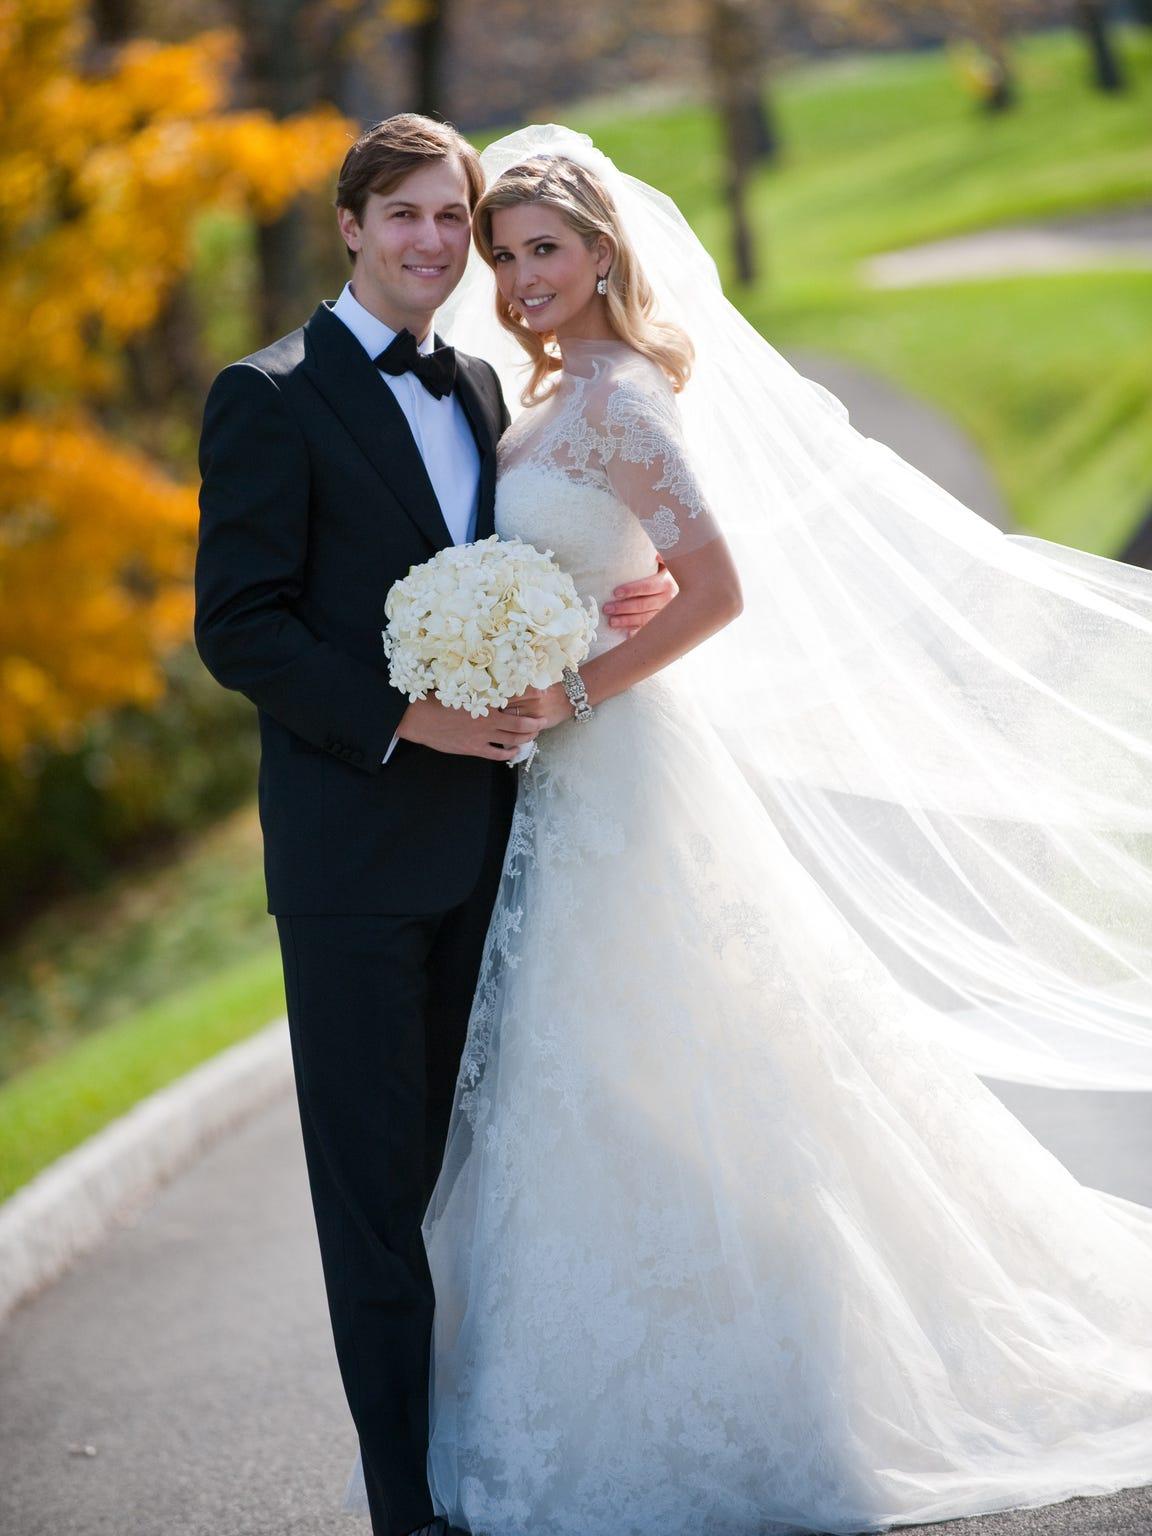 Ivanka Trump and Kushner pose at their wedding at Trump